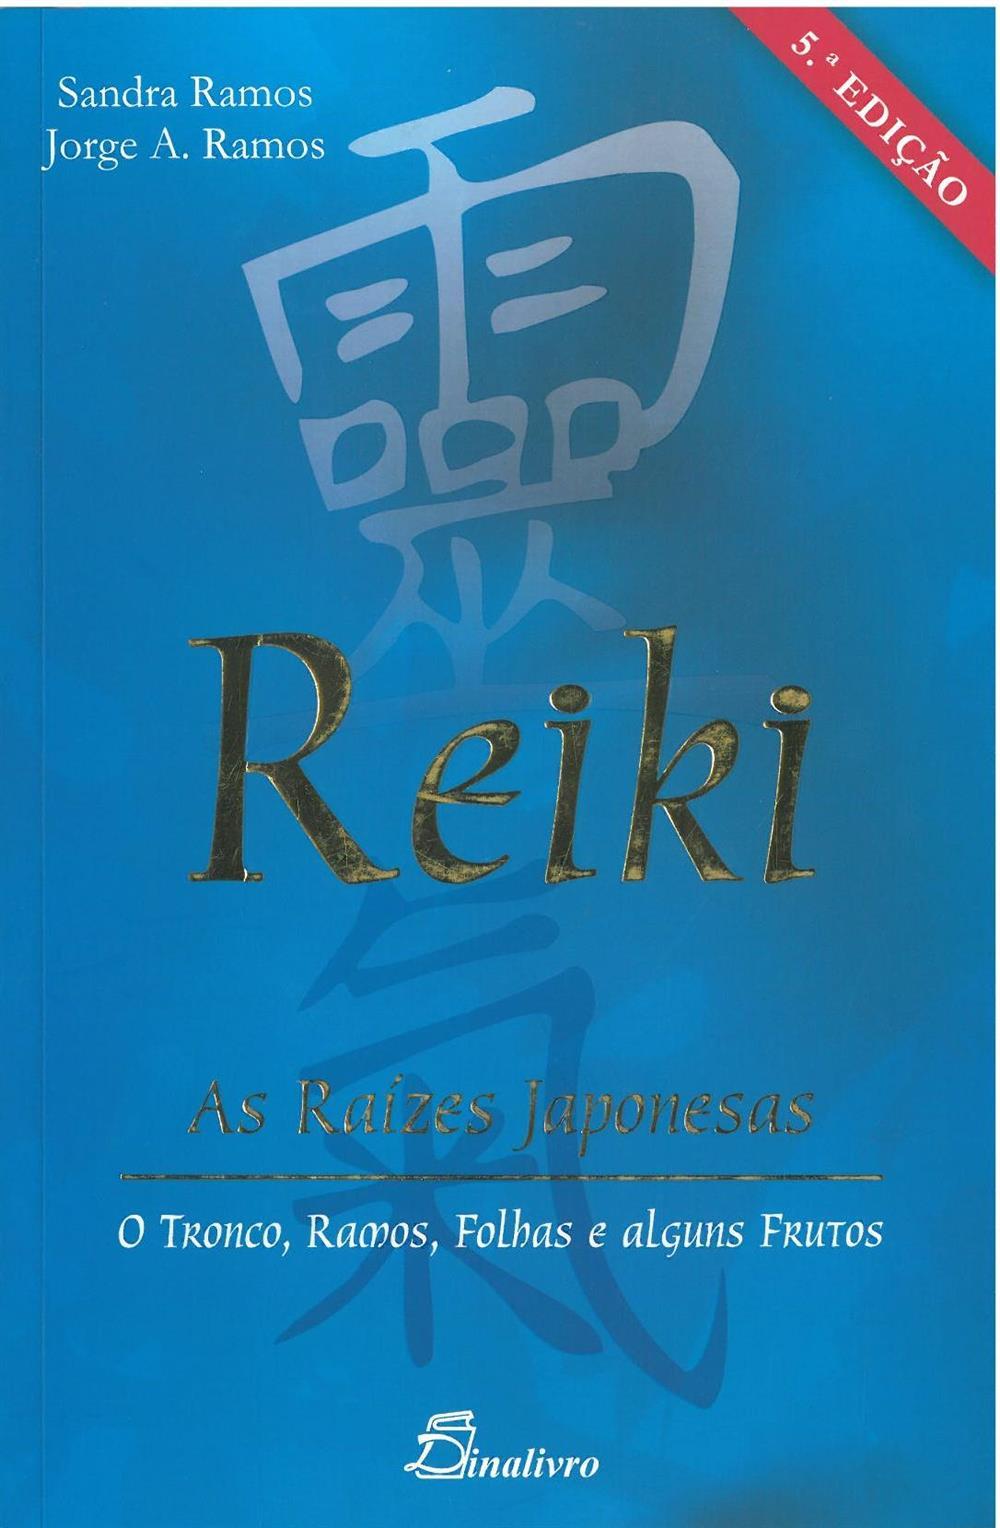 Reiki_as raizes japonesas.jpg